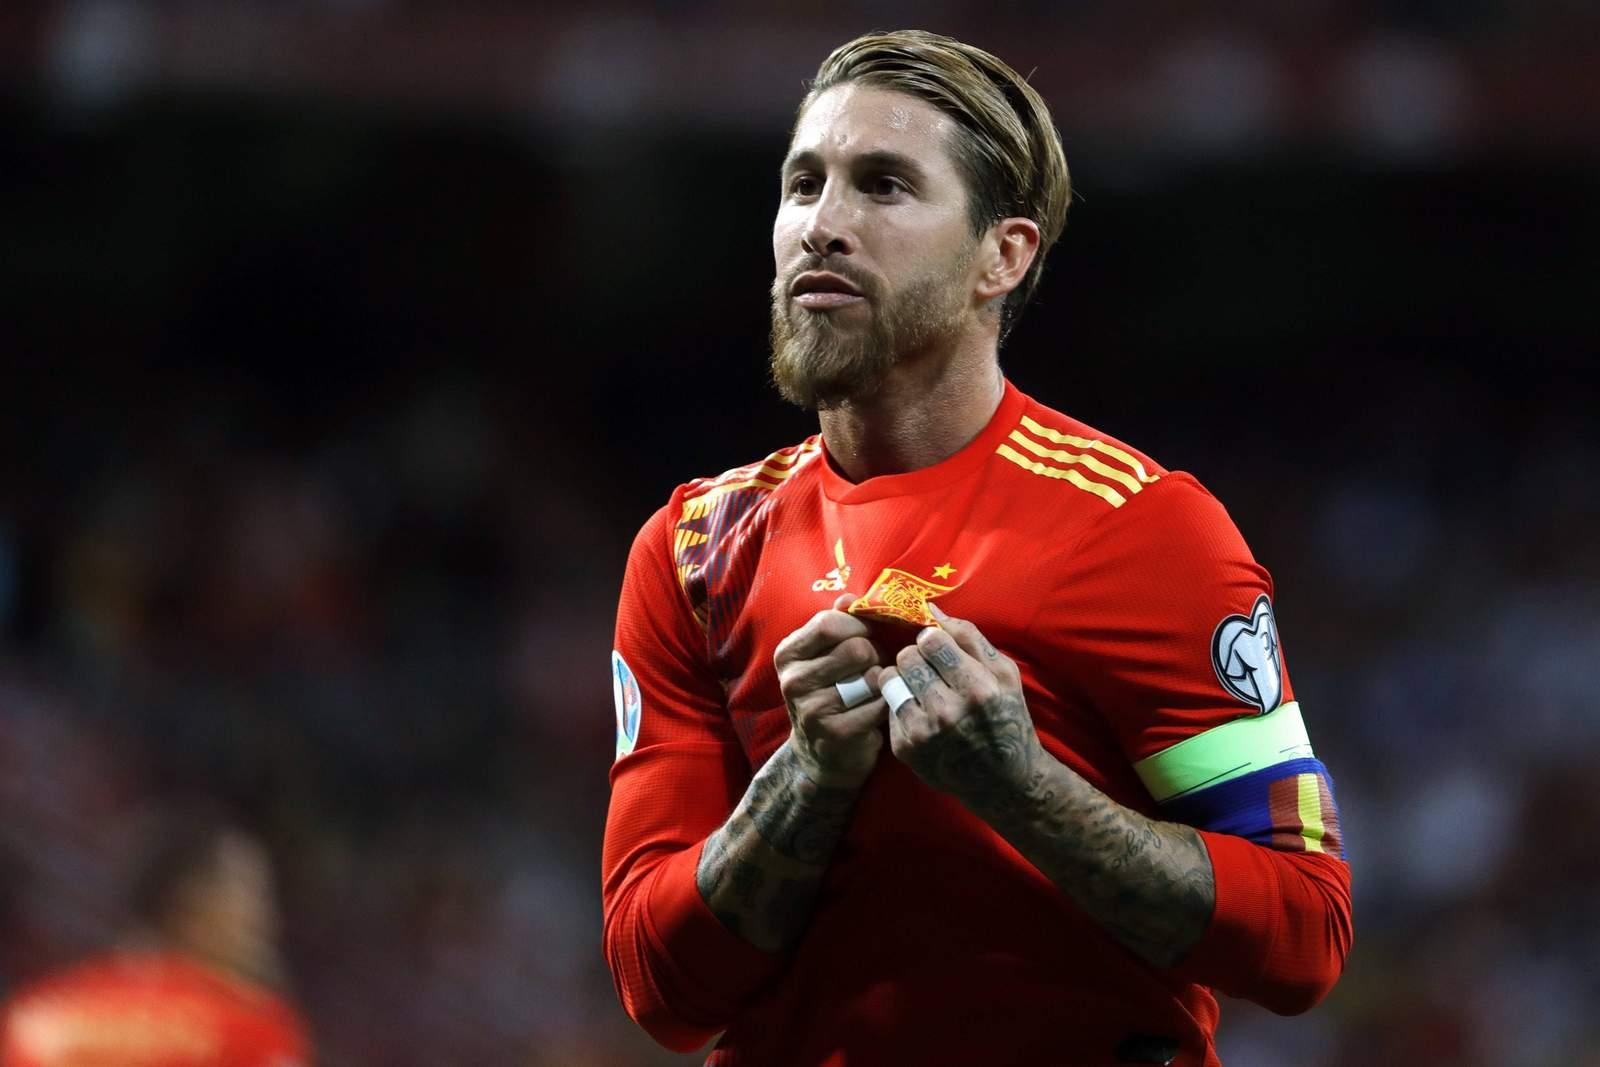 Jubelt Ramos wieder? Jetzt auf Rumänien gegen Spanien wetten